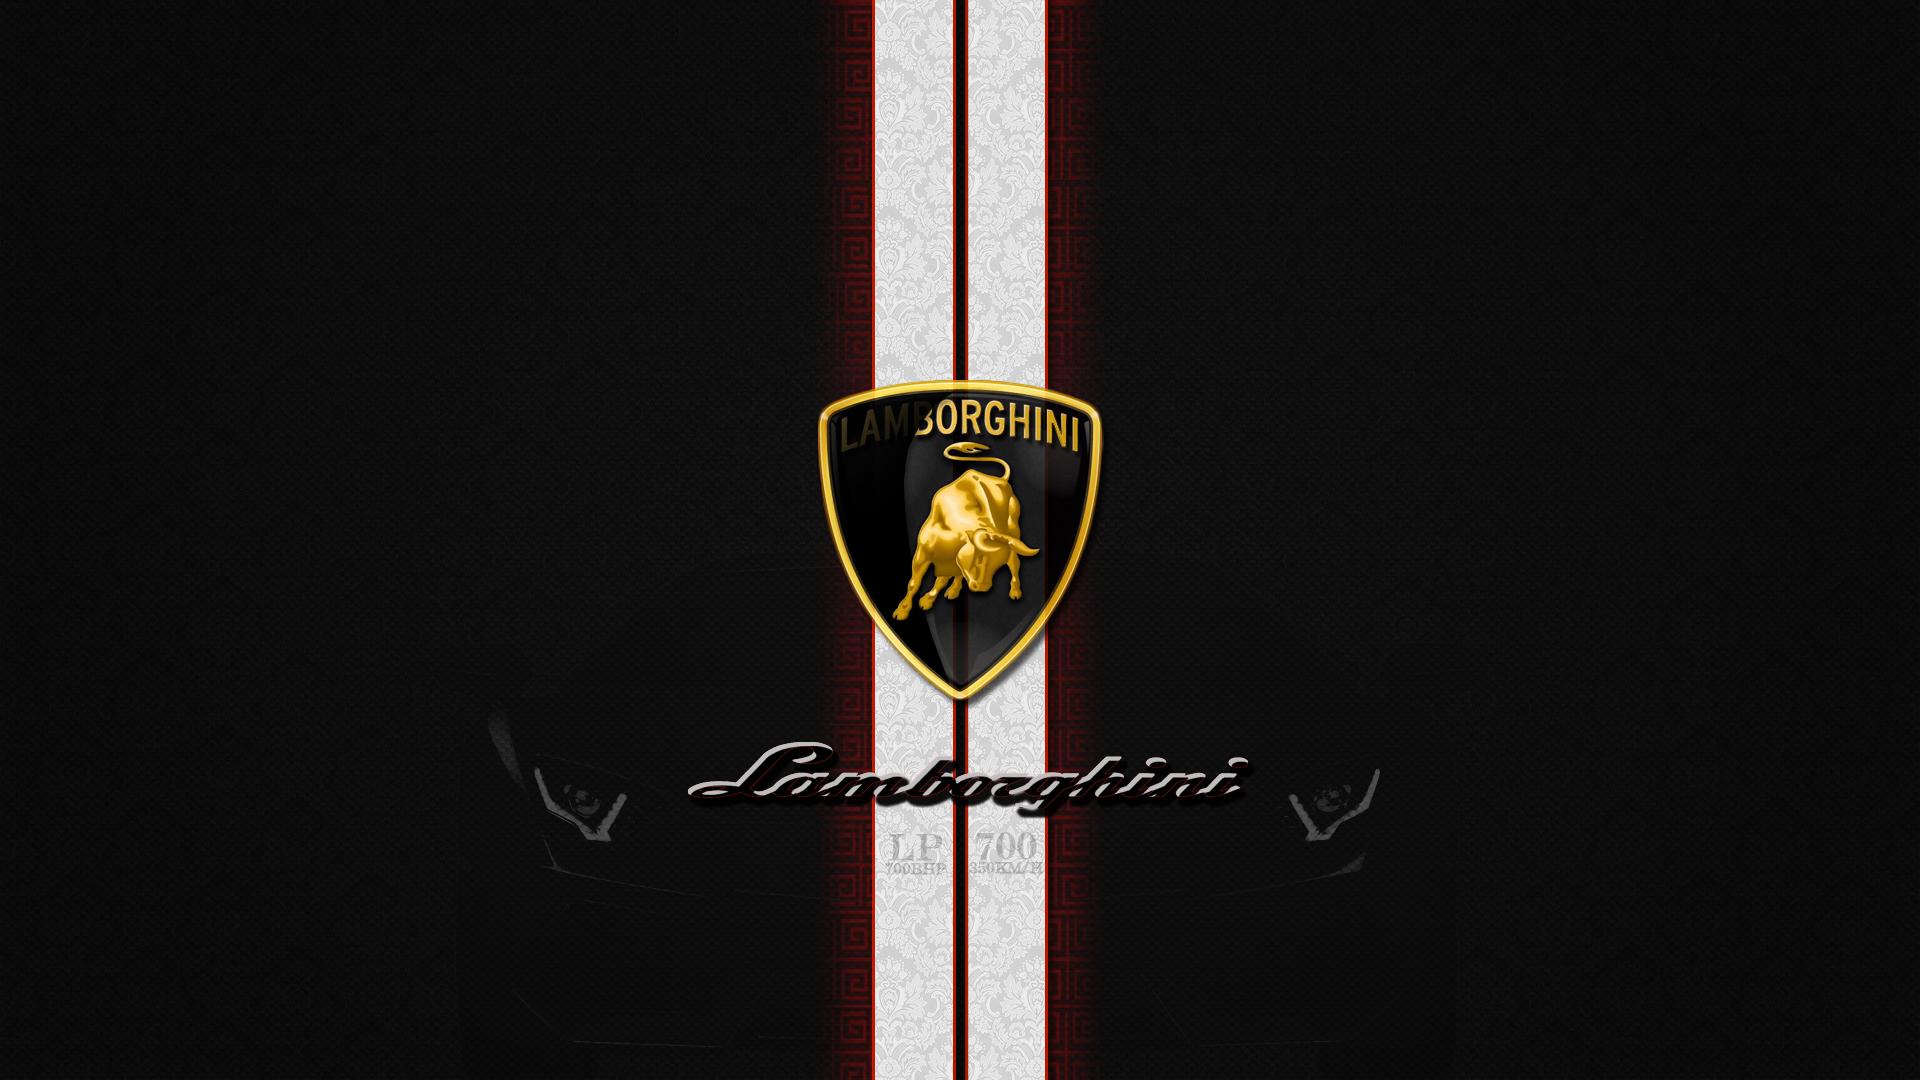 lamborghini logo wallpaper 237947 - Lamborghini Logo Wallpaper Iphone